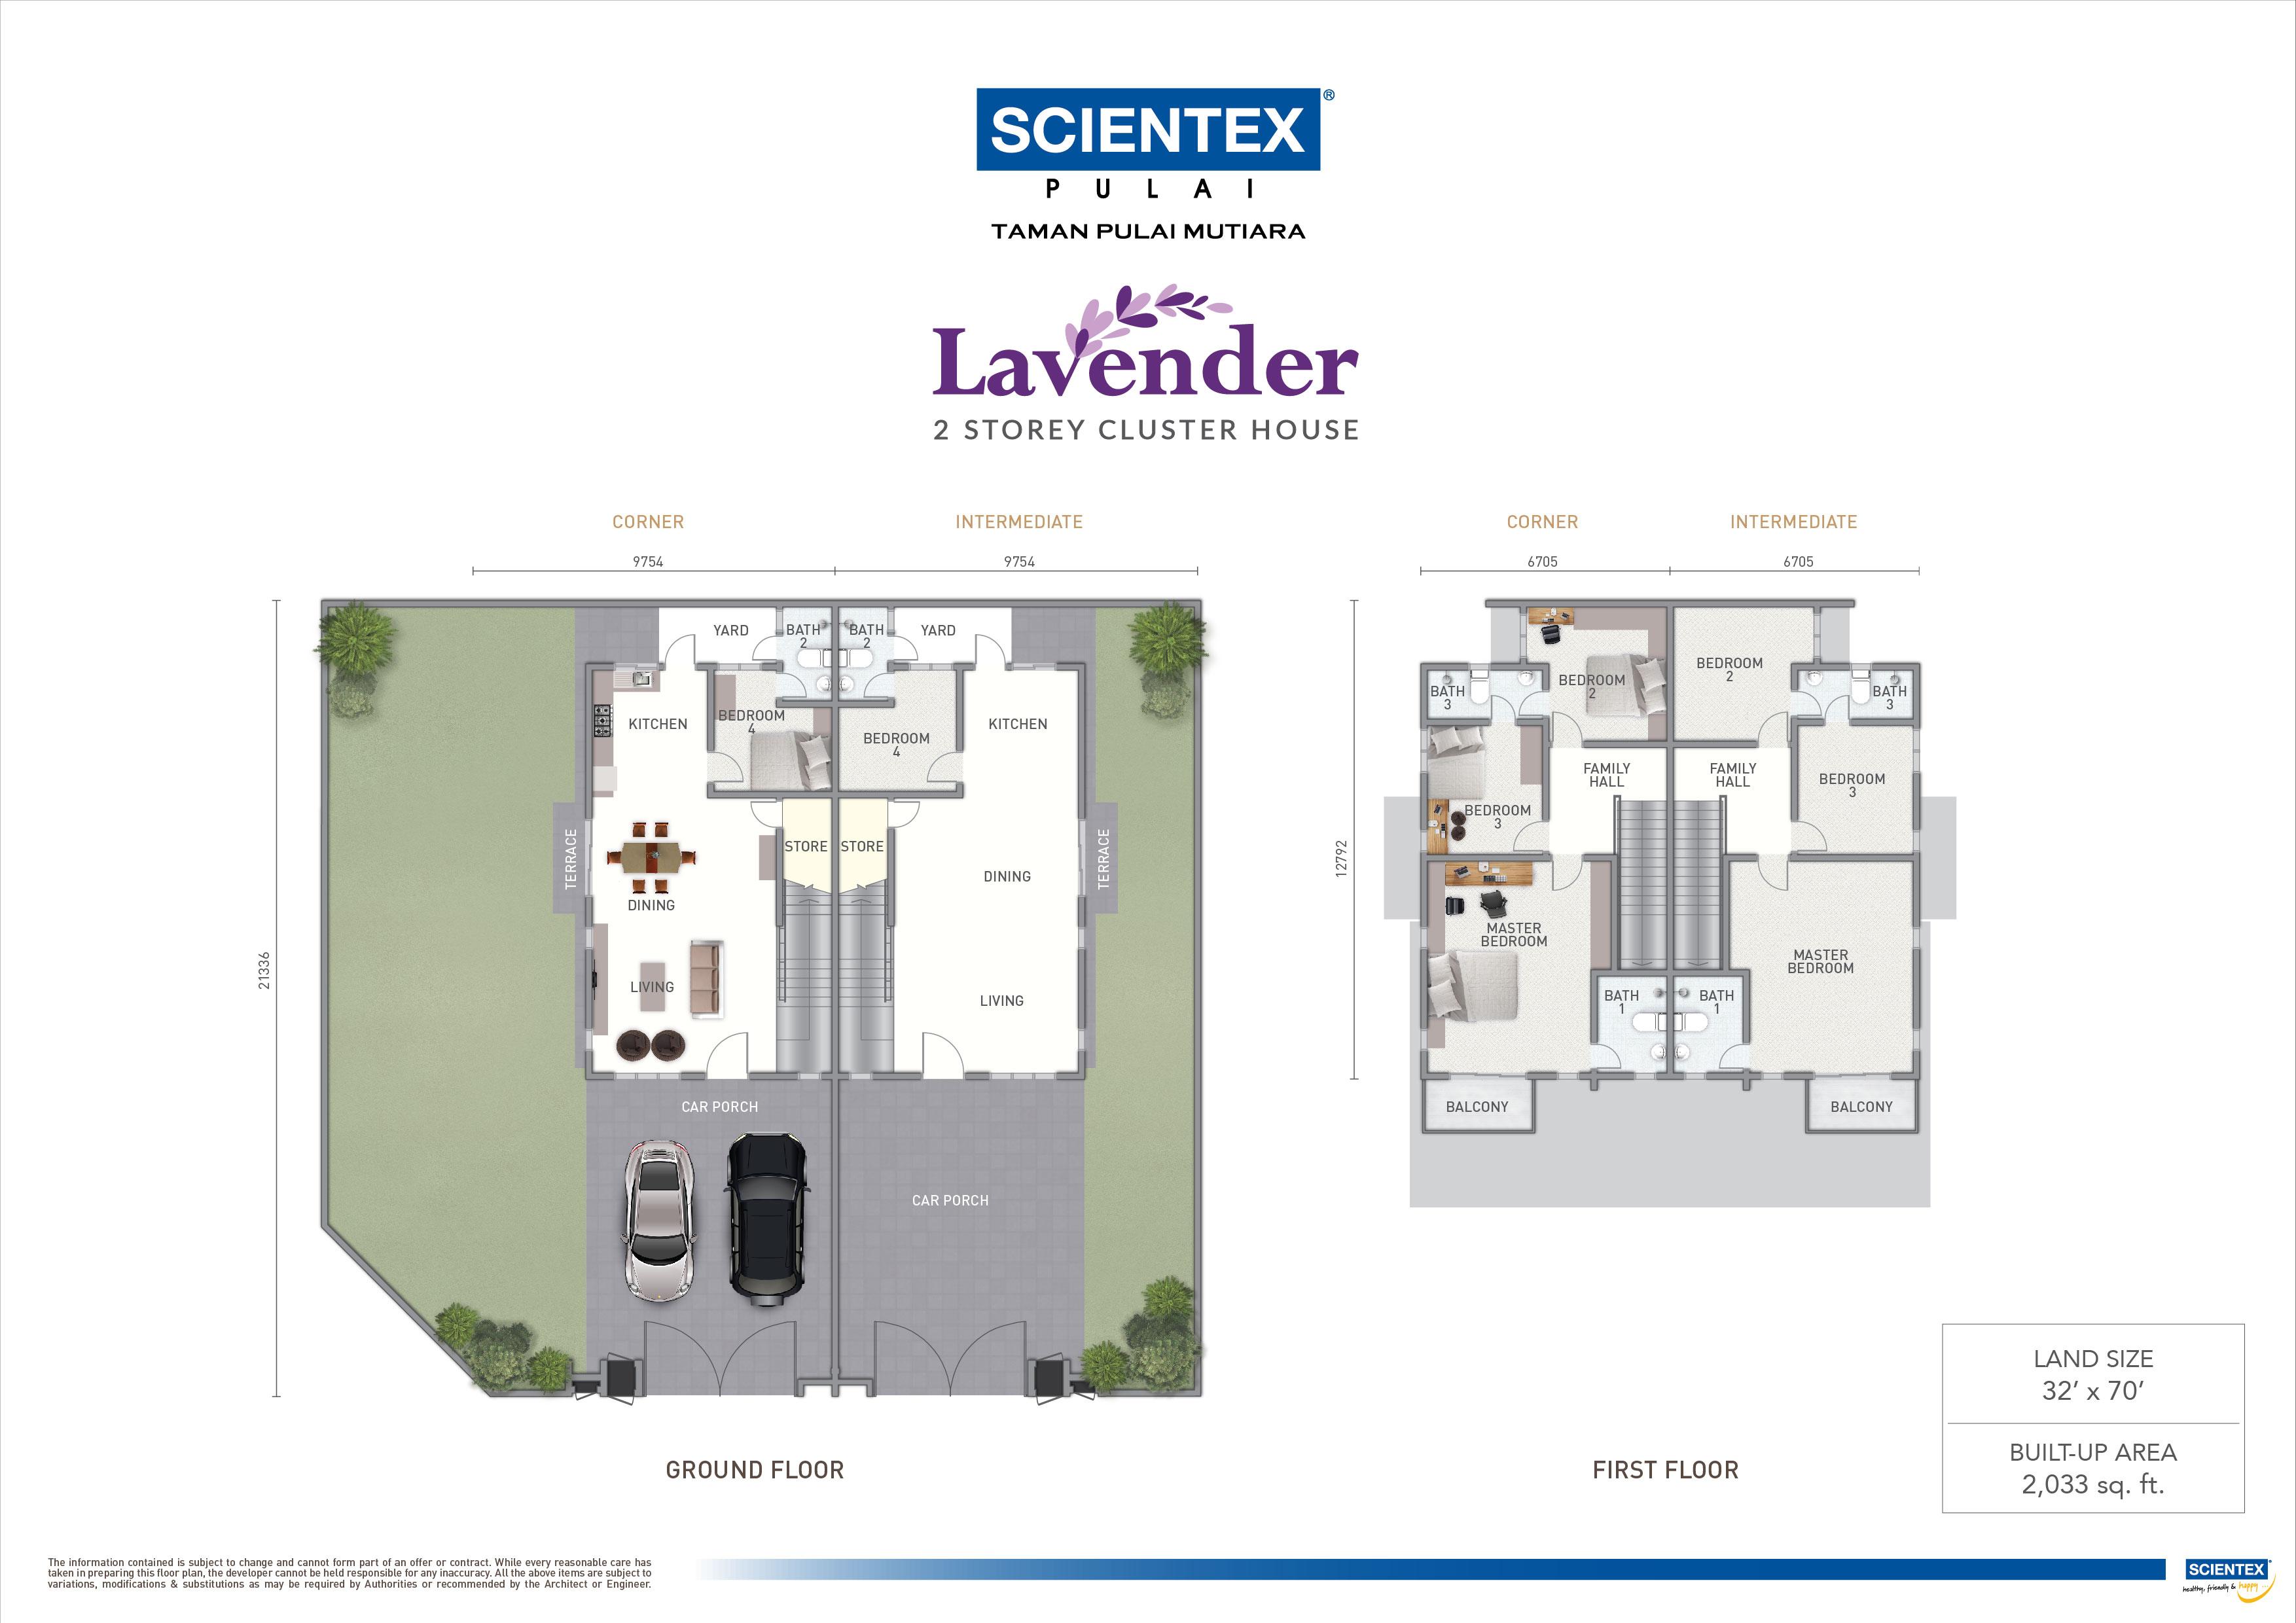 Lavender Scientex